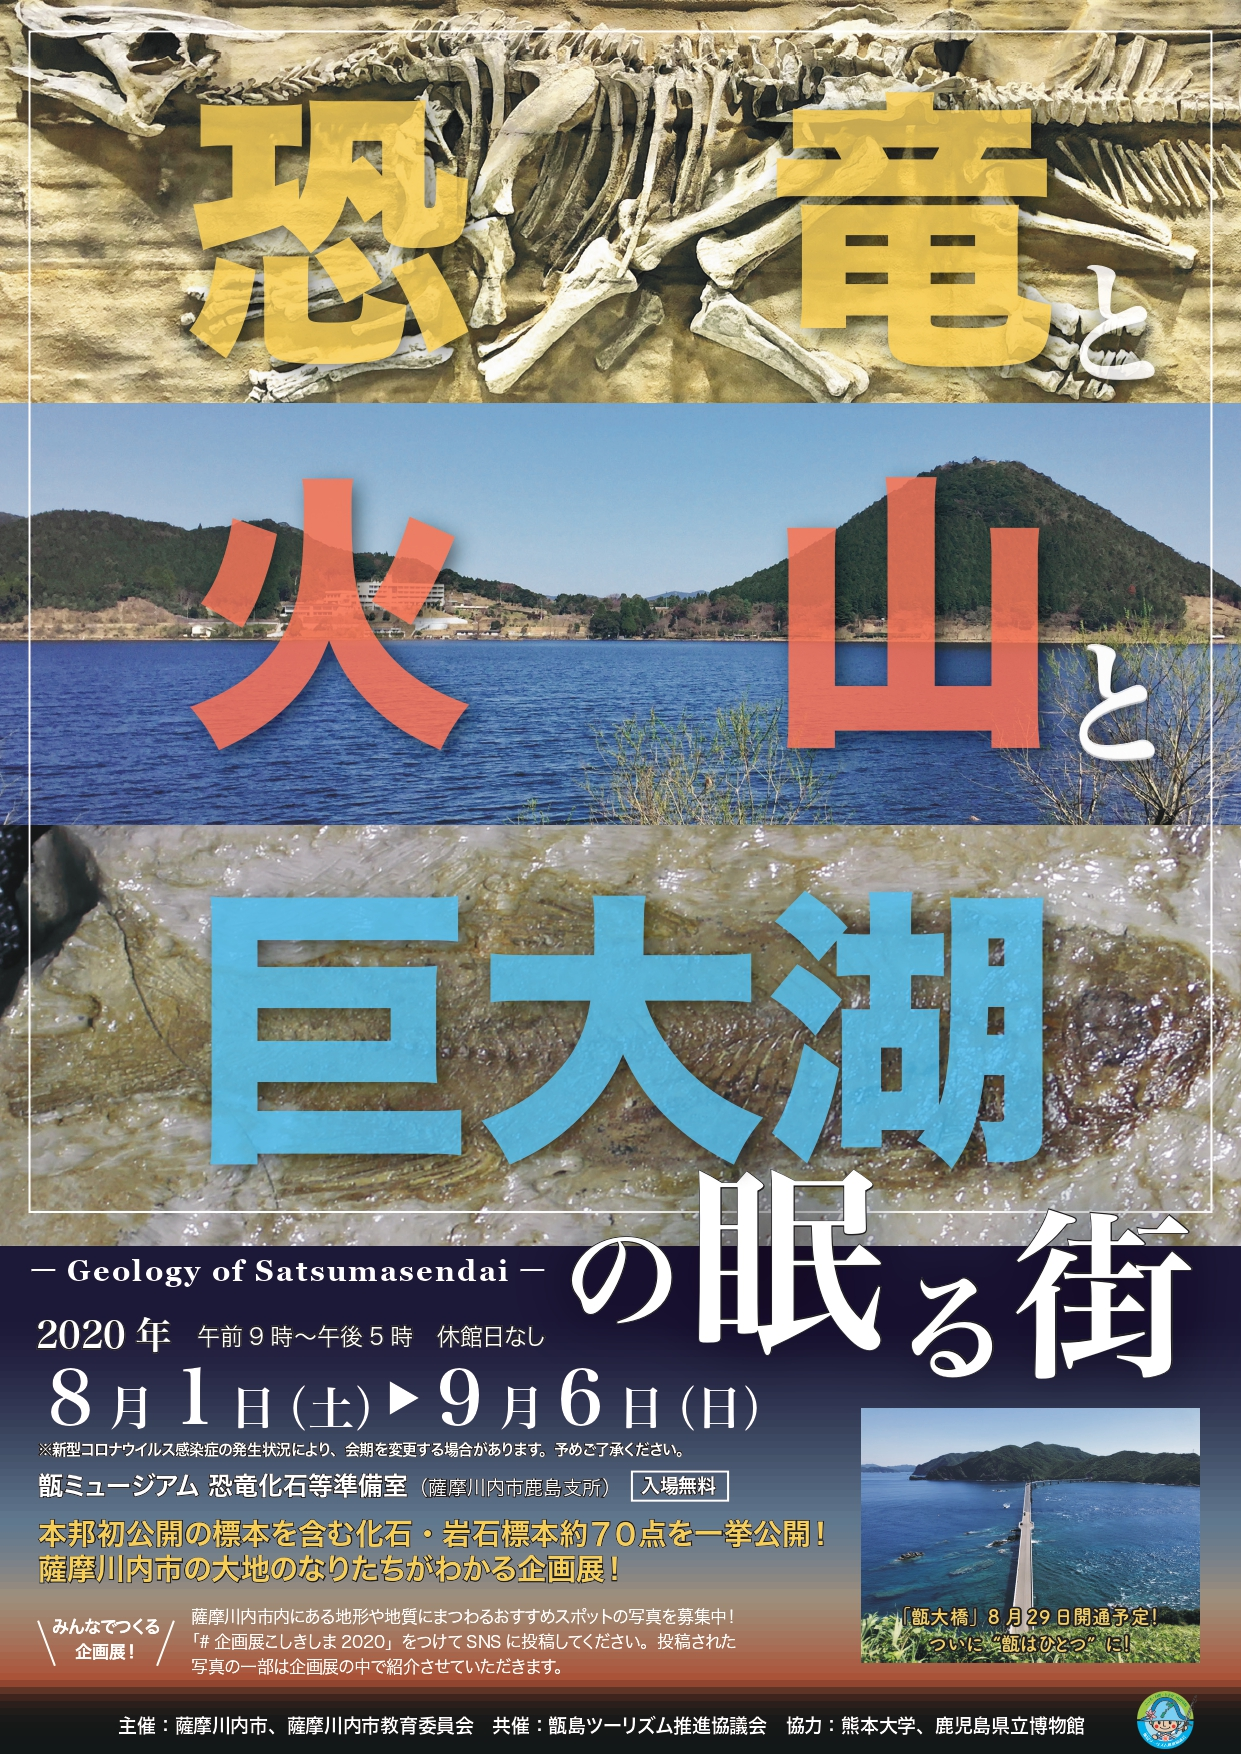 企画展「恐竜と火山と巨大湖の眠る街 -Geology of Satsumasendai」